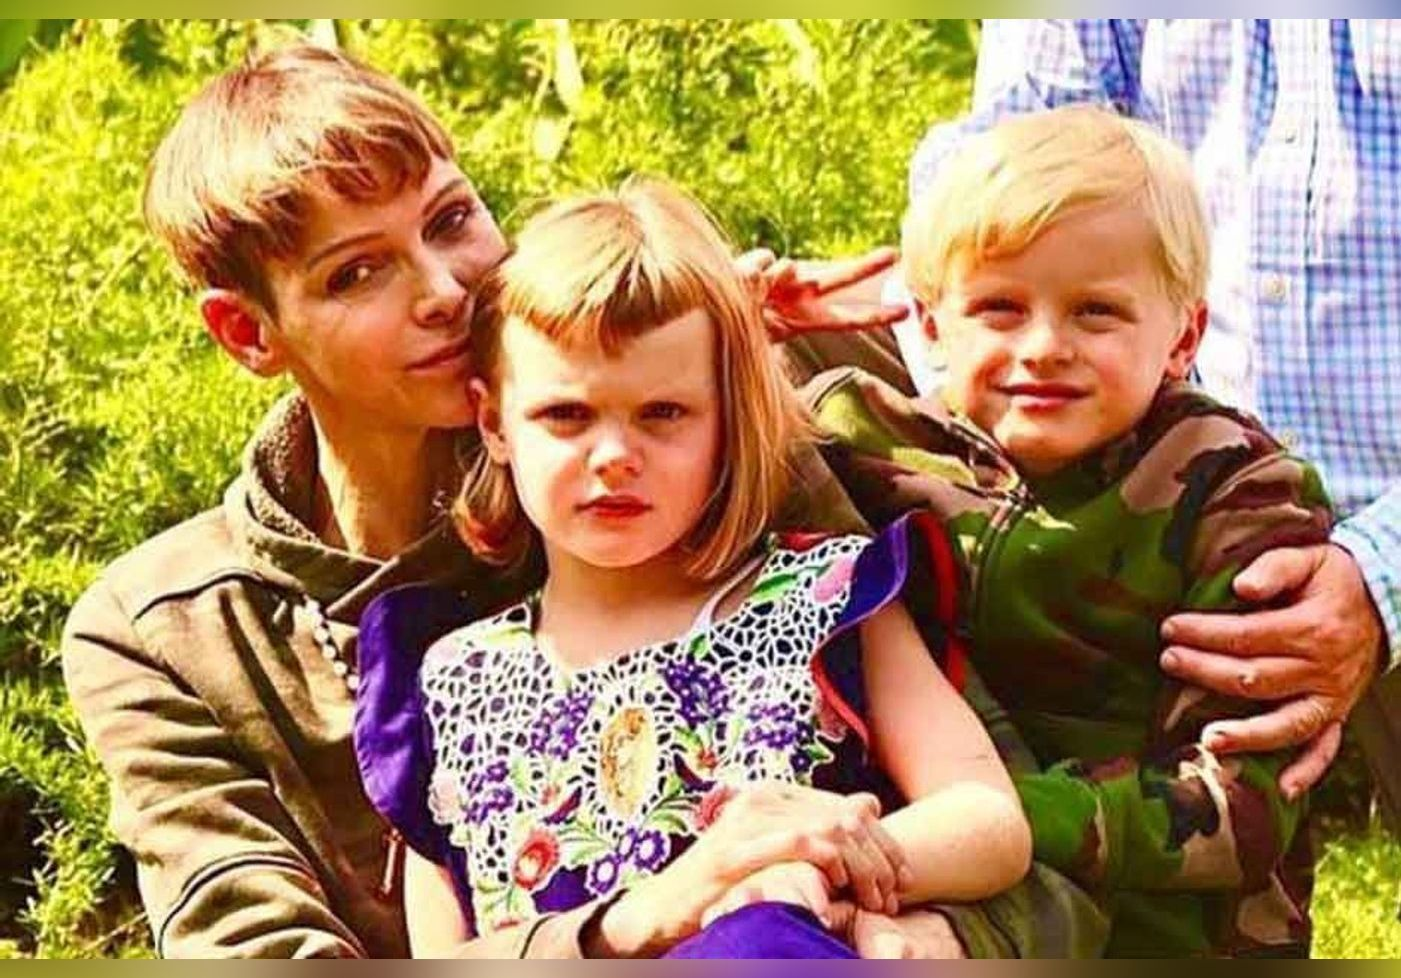 Crève-coeur pour Charlene de Monaco : elle a passé 5 mois sans ses enfants, parce qu'ils «appartiennent à la principauté»